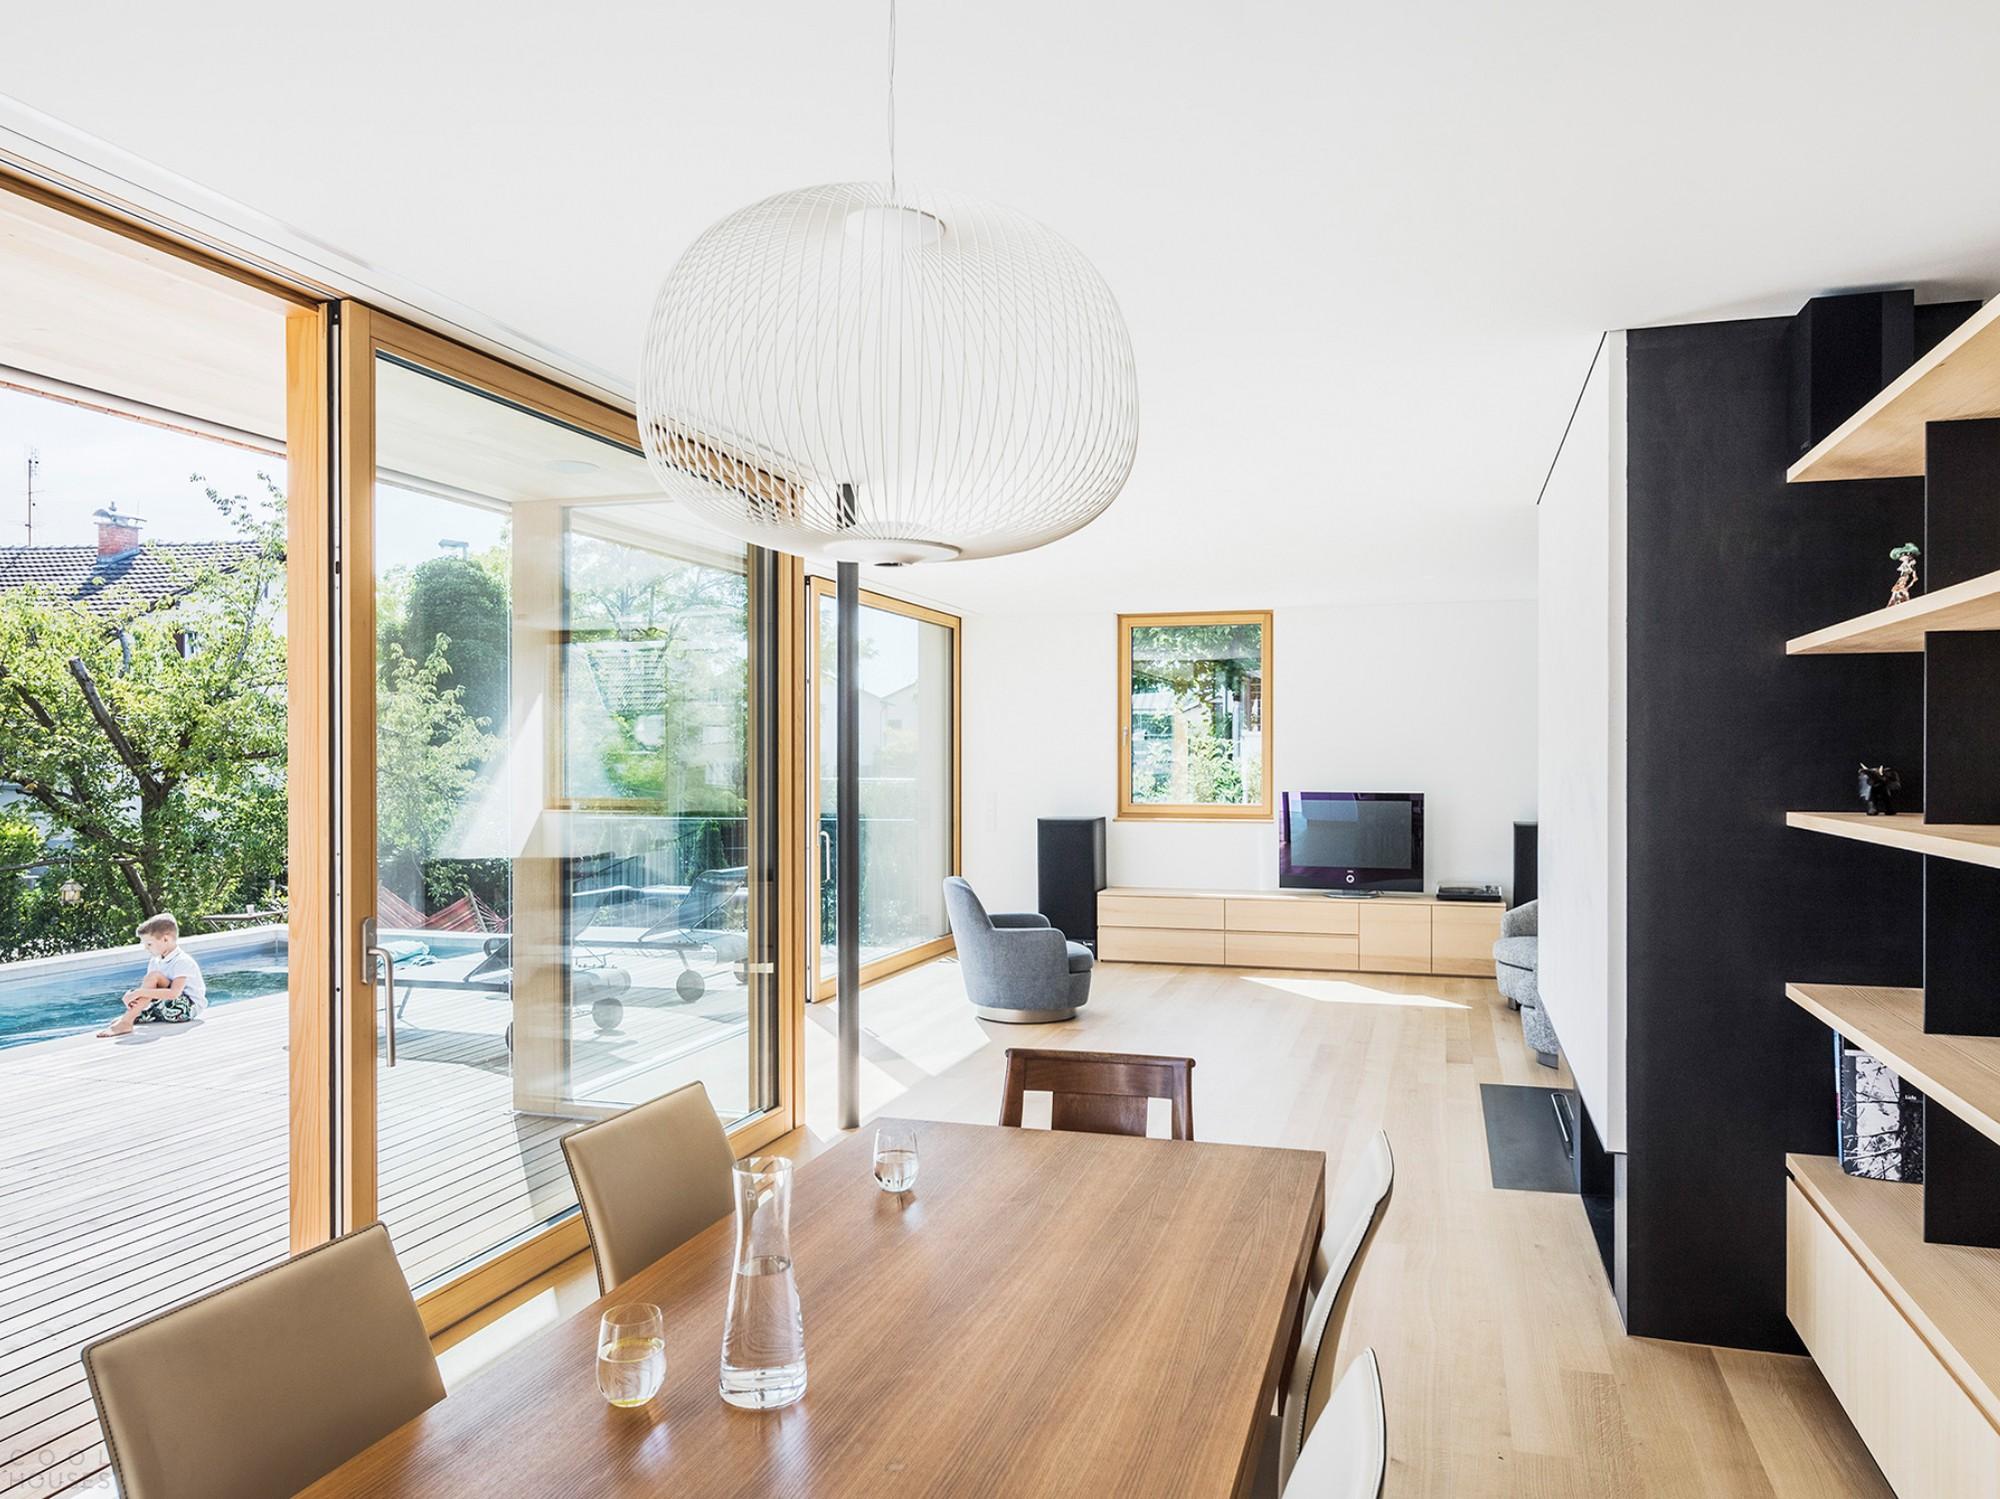 Двухэтажный деревянный дом с гармоничным дизайном